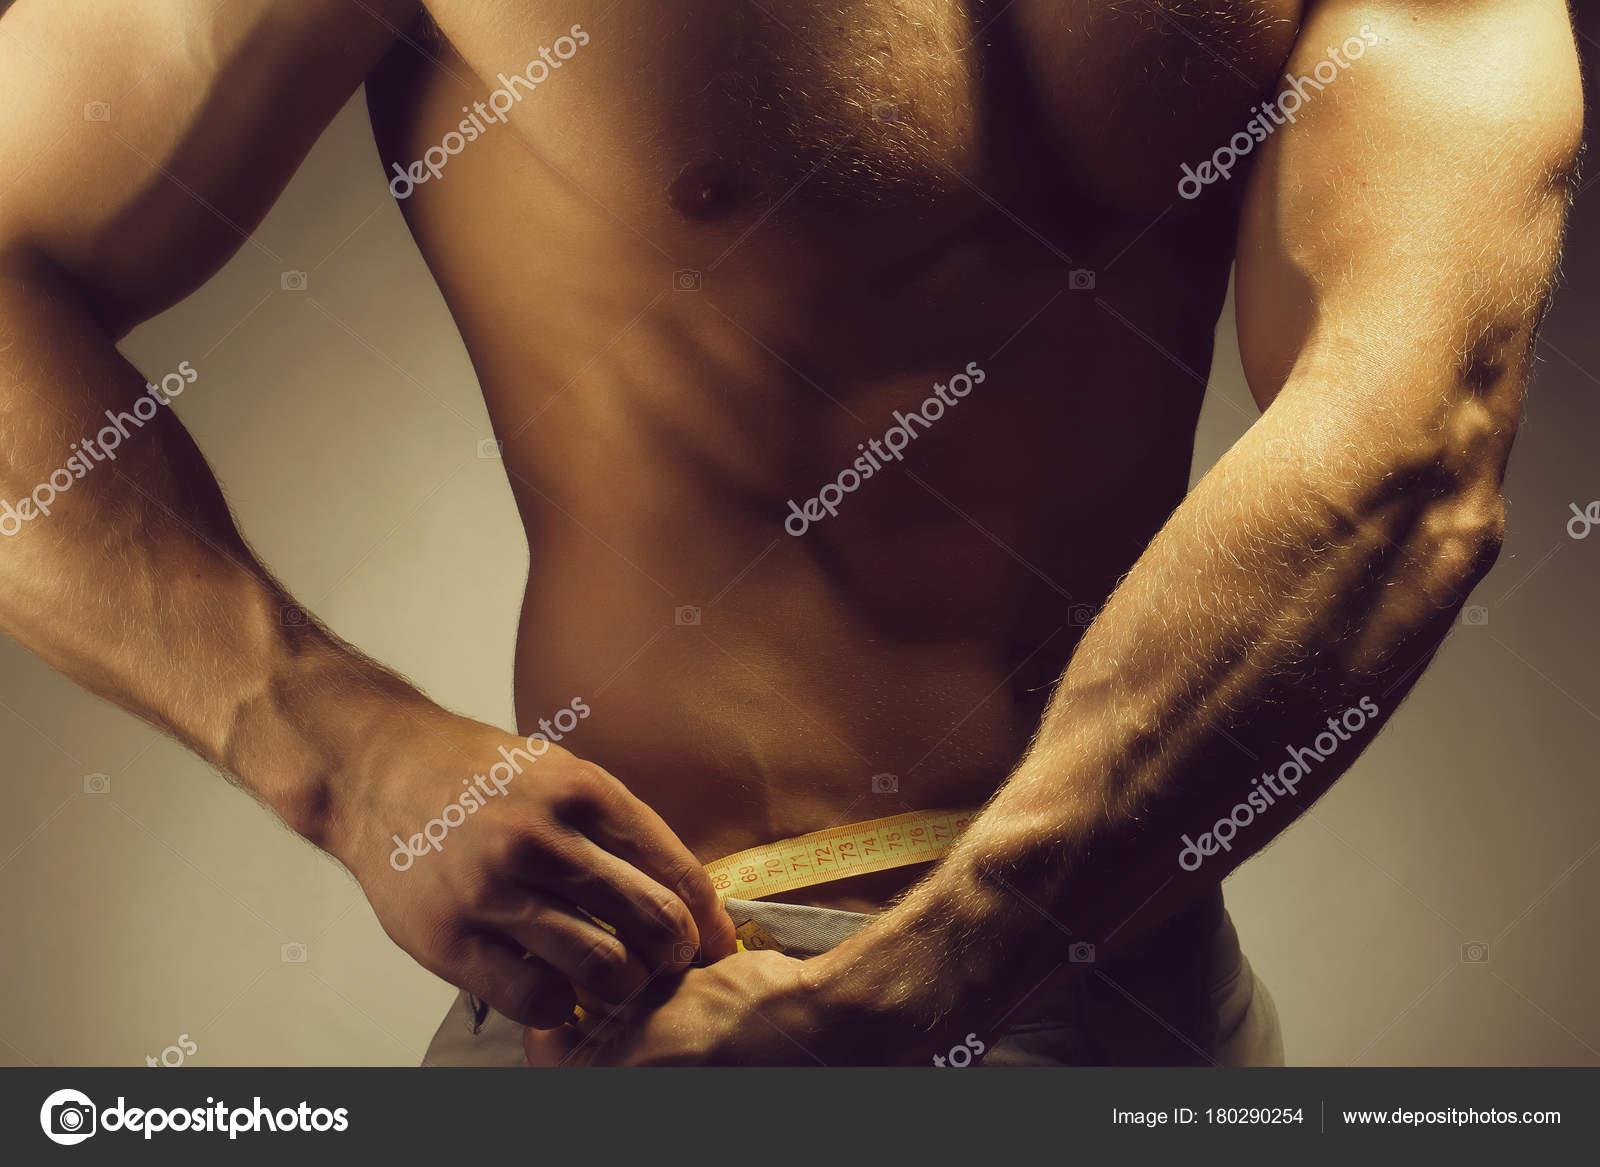 γυμνό γκρι